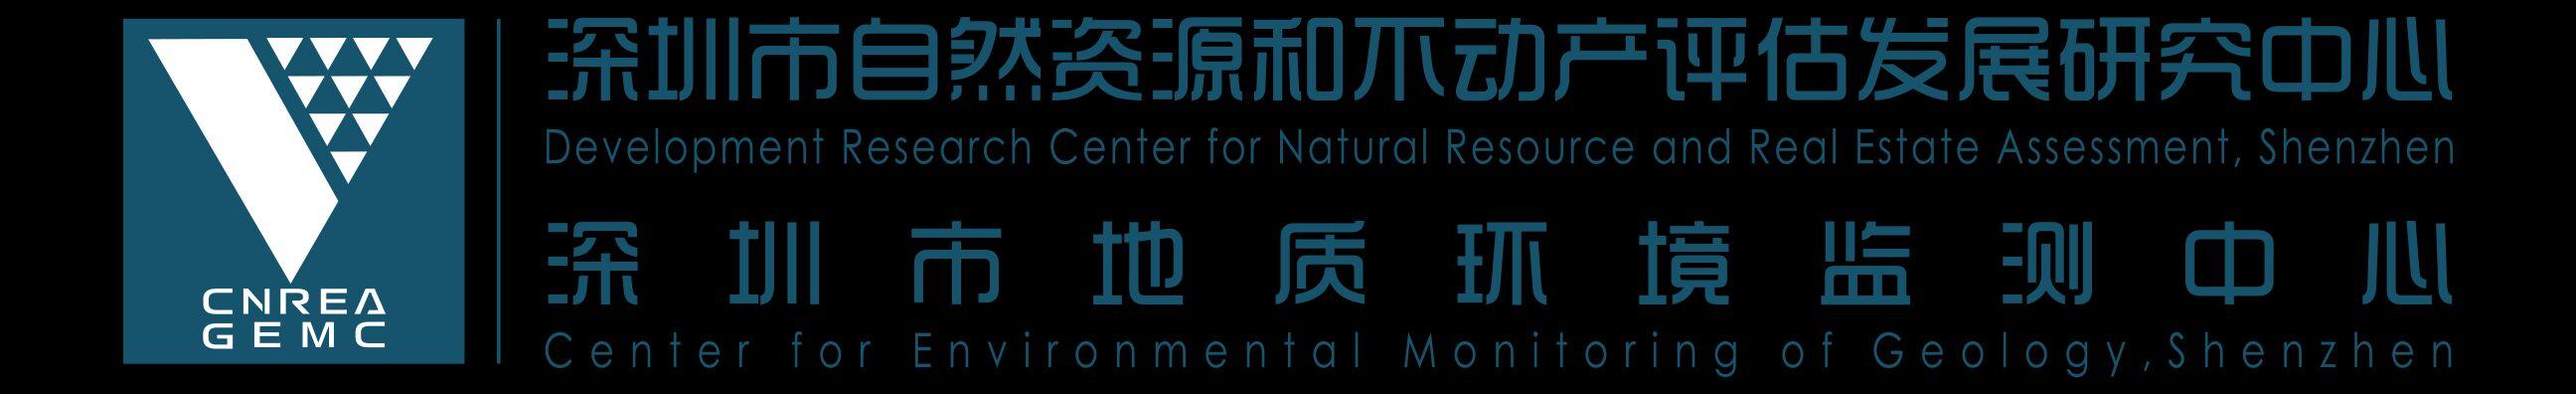 深圳市自然资源和不动产评估发展研究中心